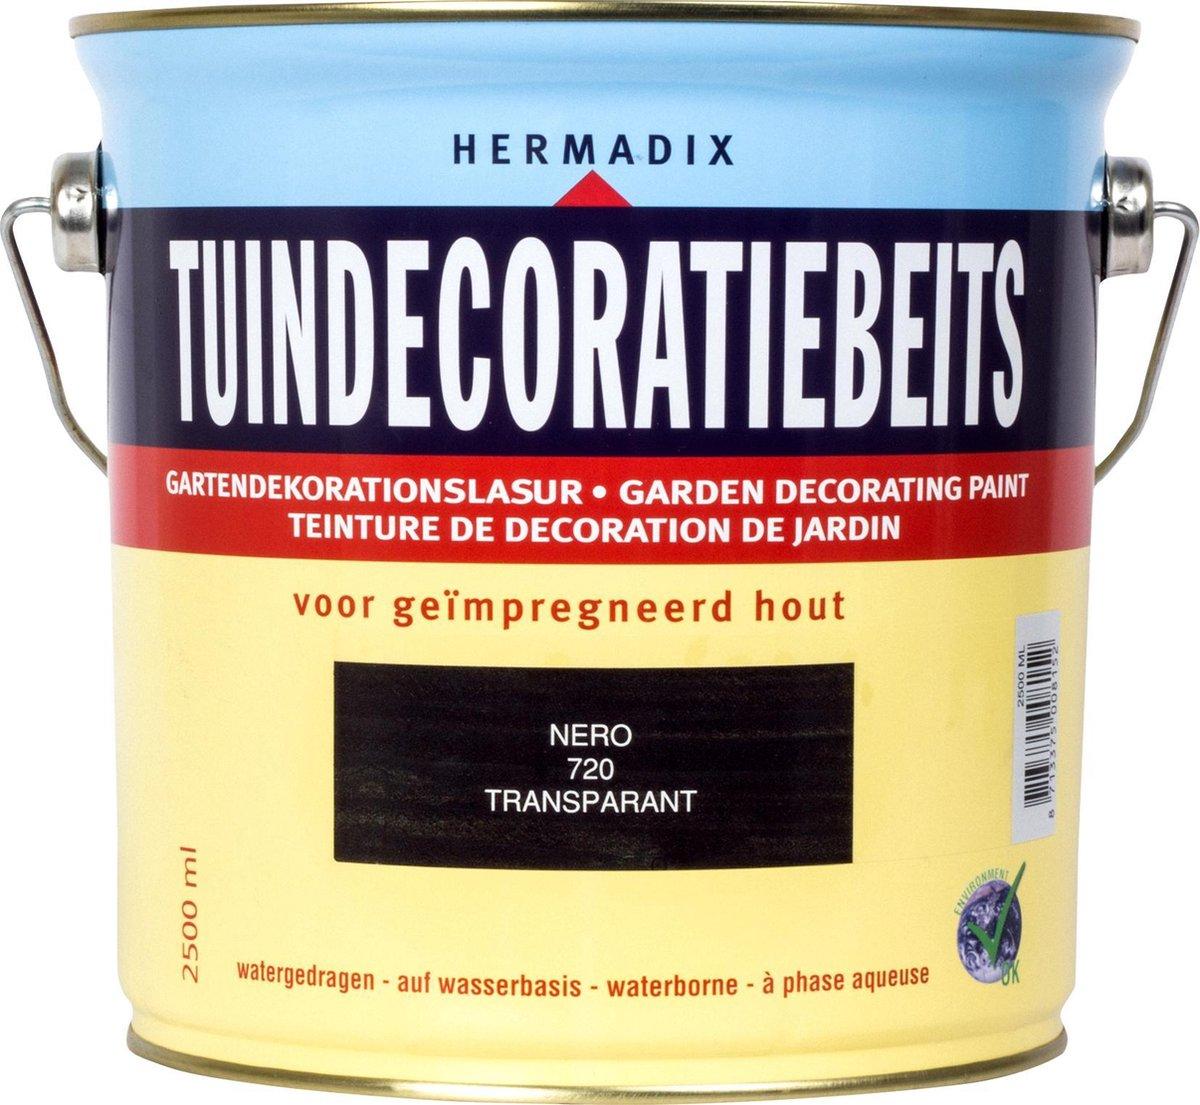 Hermadix Tuindecoratiebeits 720 Nero - 2.5 l